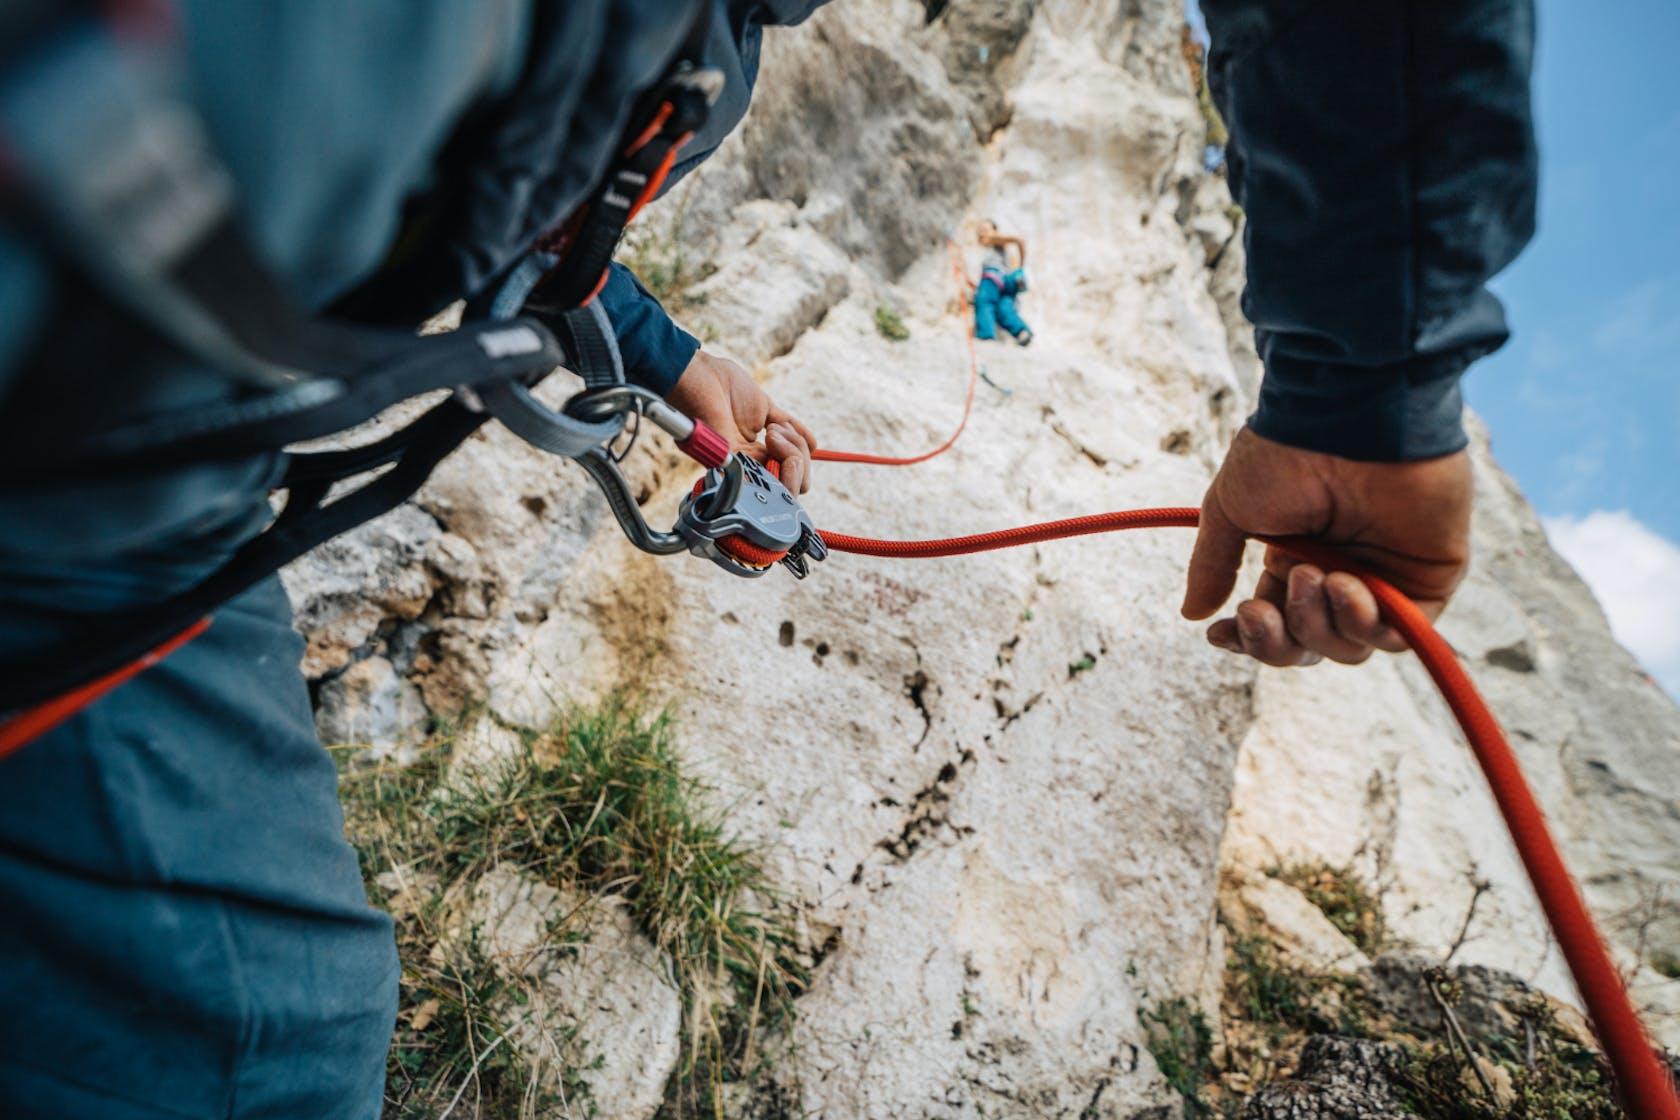 Klettern | Onlineshop Bekleidung Ausruestung Schuhe